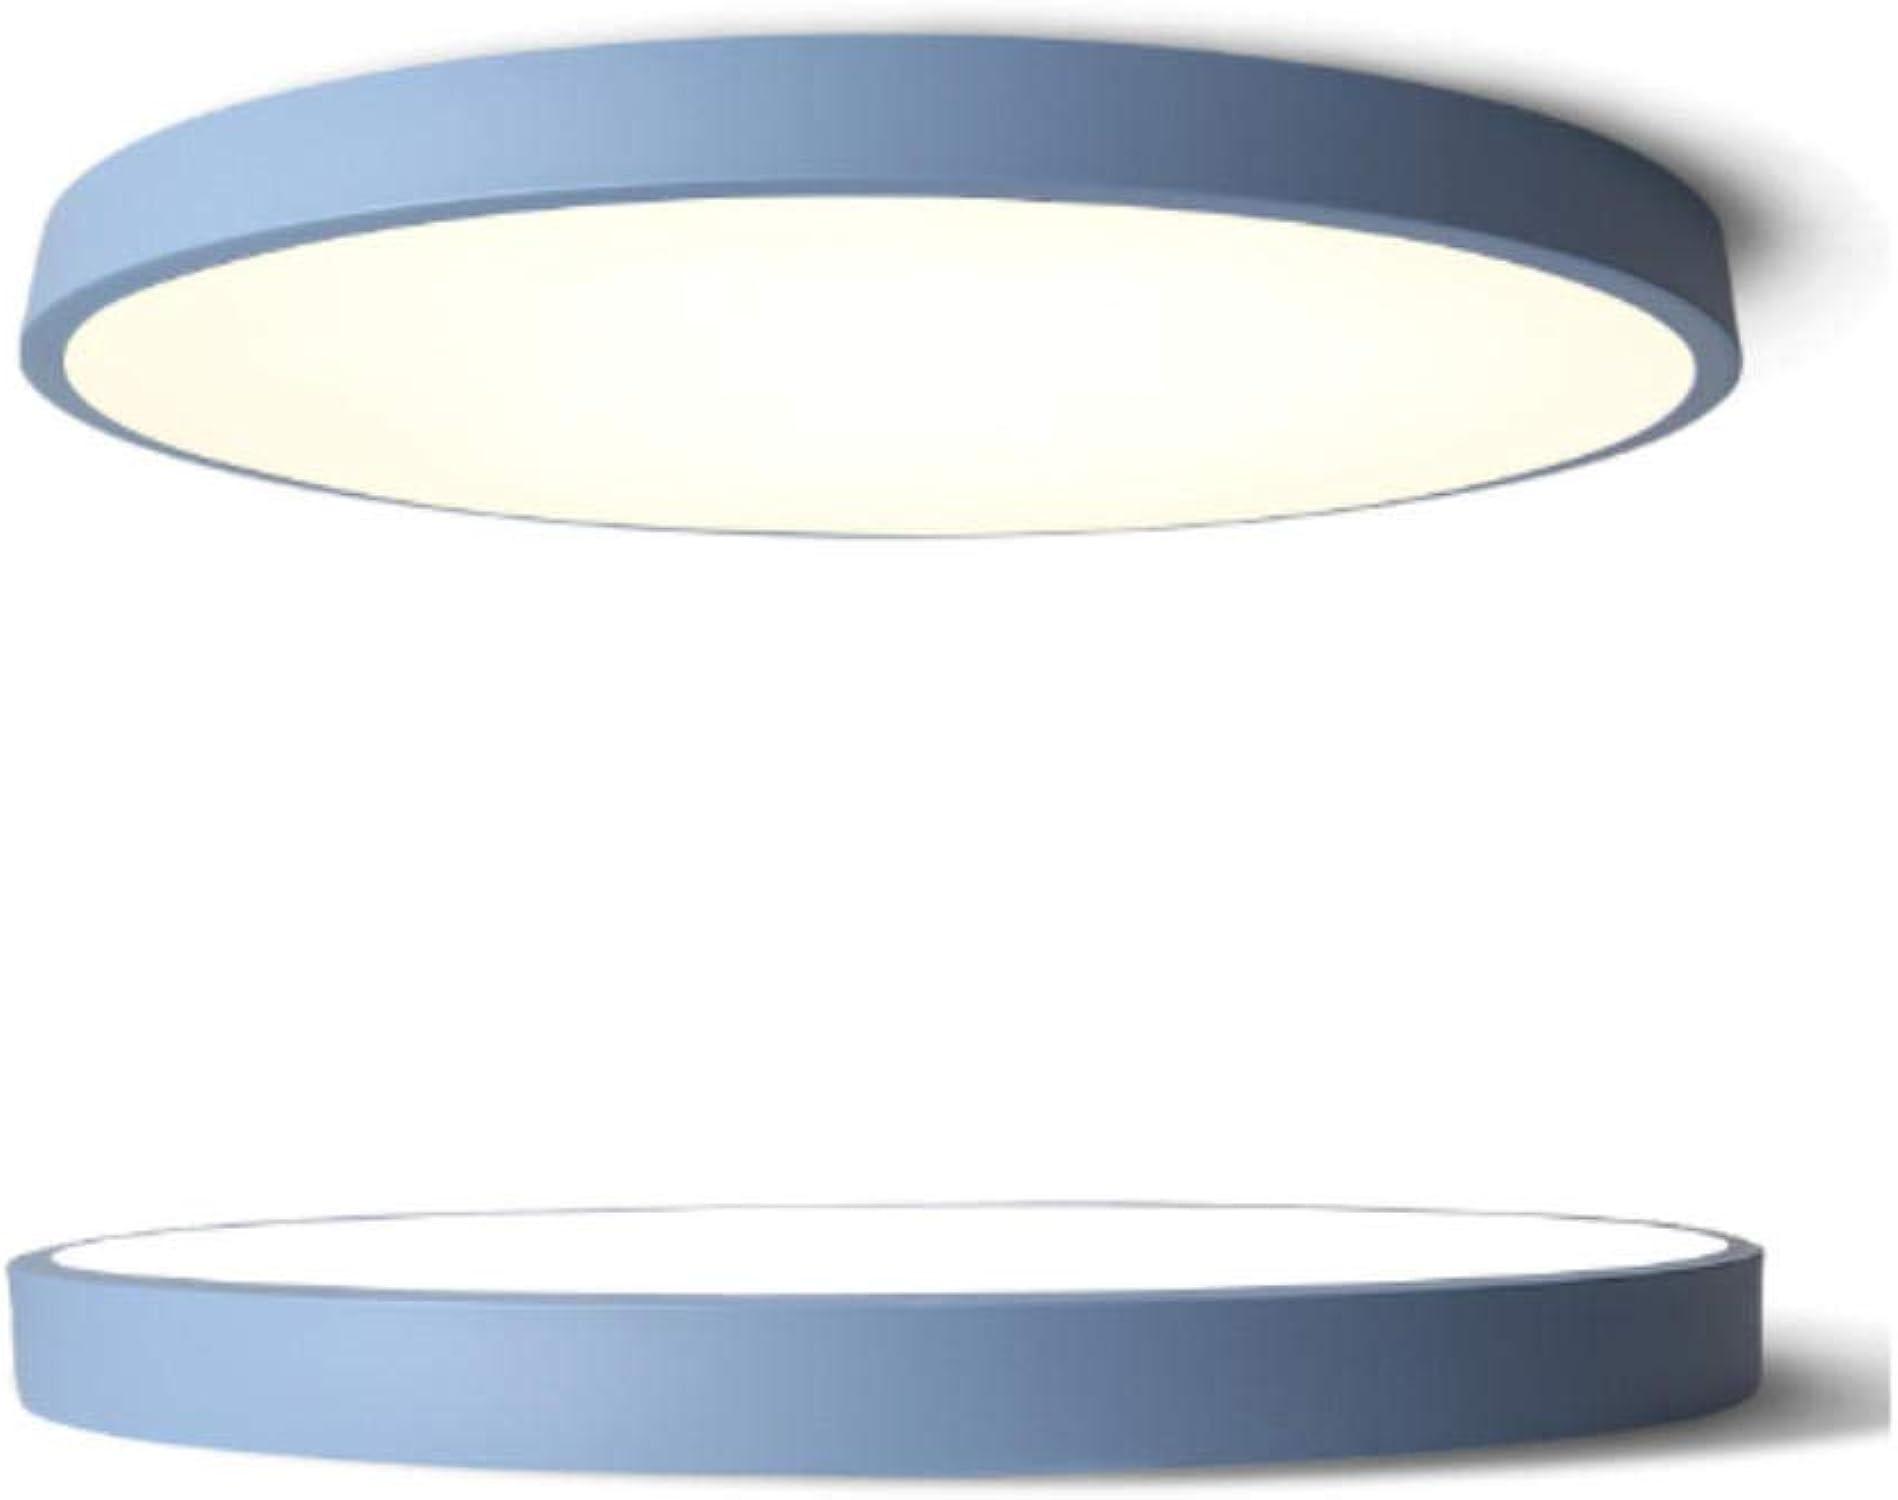 Plafonnier LED ultra-mince rond lampe de salon chambre ronde simple nordique moderne restaurant allée balcon 50cm bleu